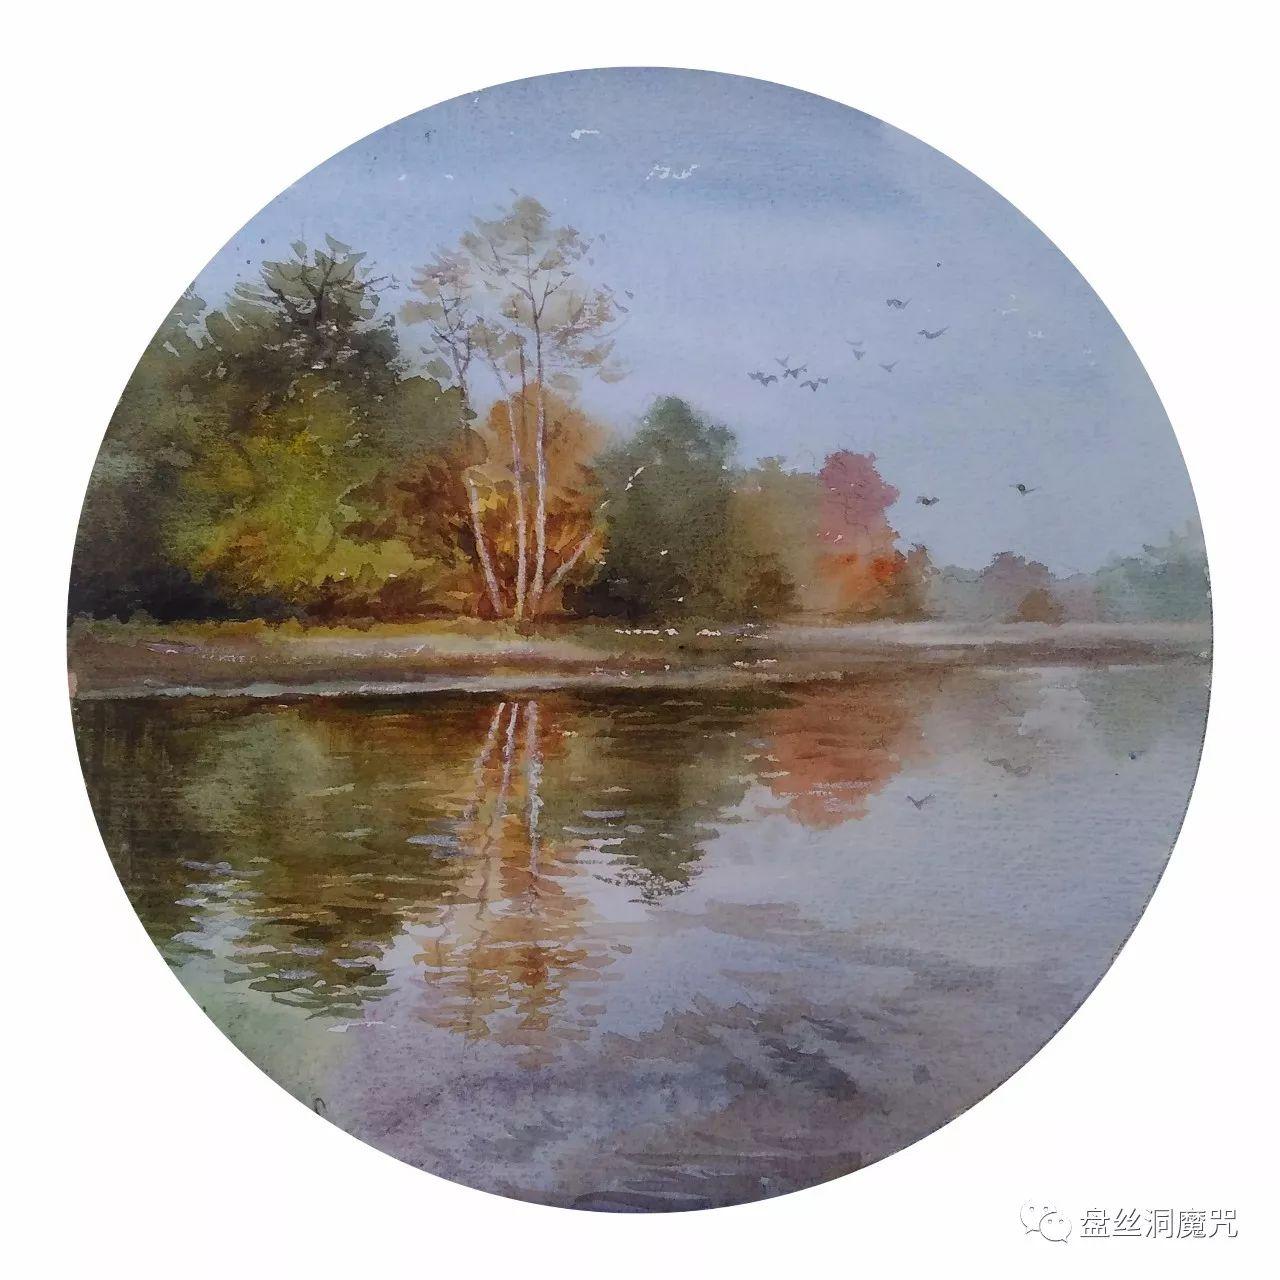 白连福水彩作品欣赏 第28张 白连福水彩作品欣赏 蒙古画廊